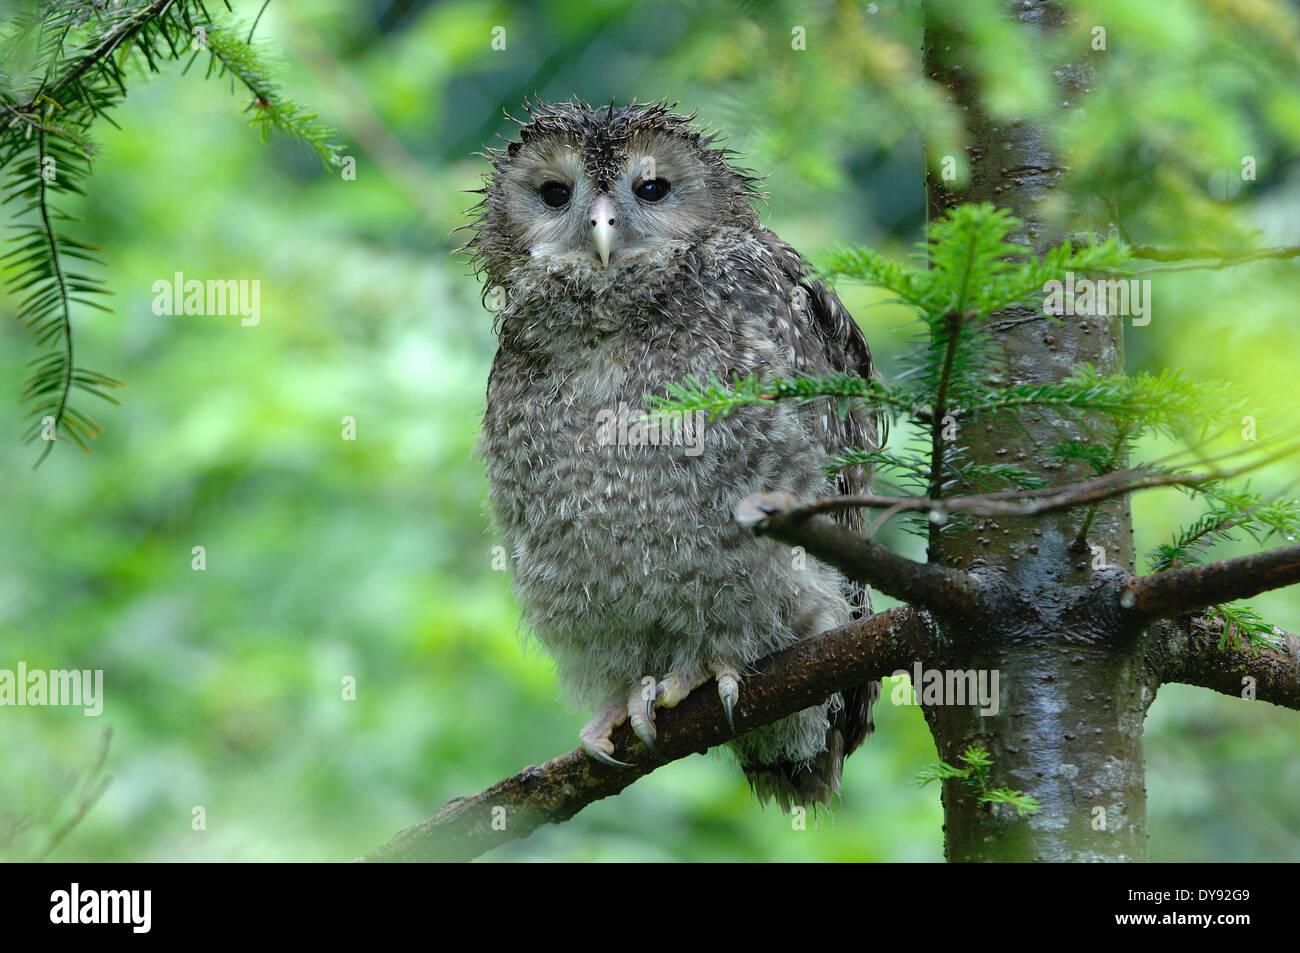 Eulen, Eulen, Habichtskauz, Nachtjäger, Strix Uralensis, Hawk es Eulen, Nacht, Vogel, Vögel, Eule, Tier, Tiere, Deutschland, Europa, Stockbild